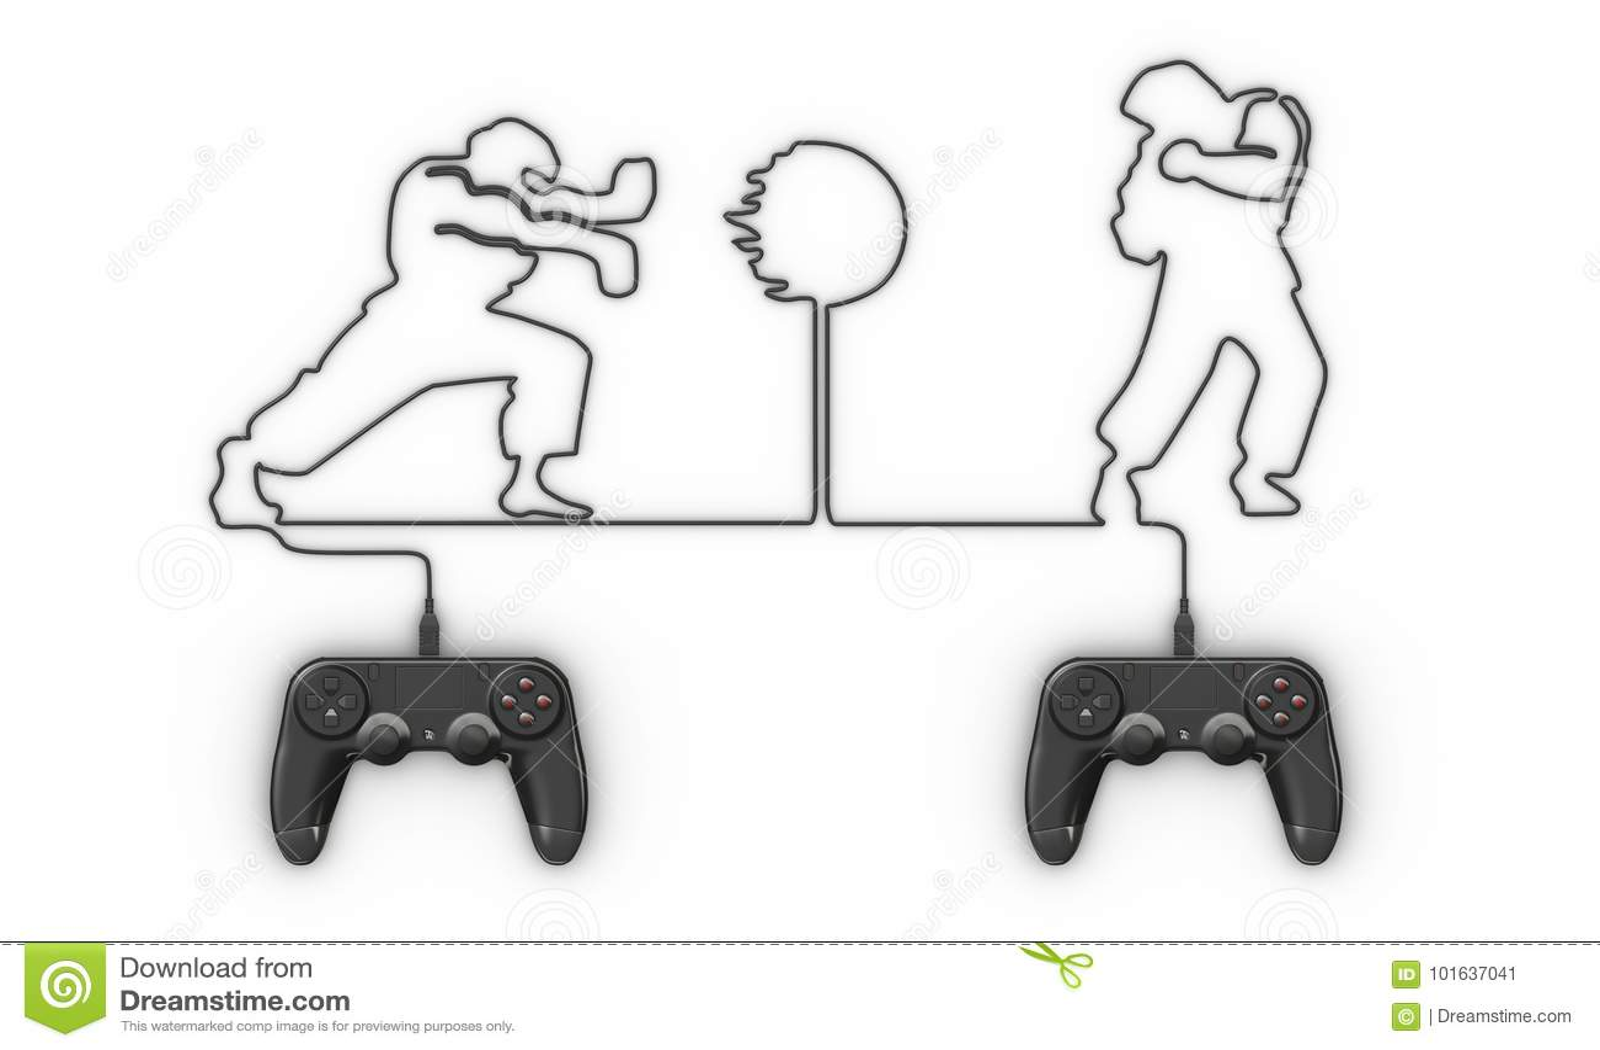 Videospelletjecontrolemechanisme die met kabel vechter vormen